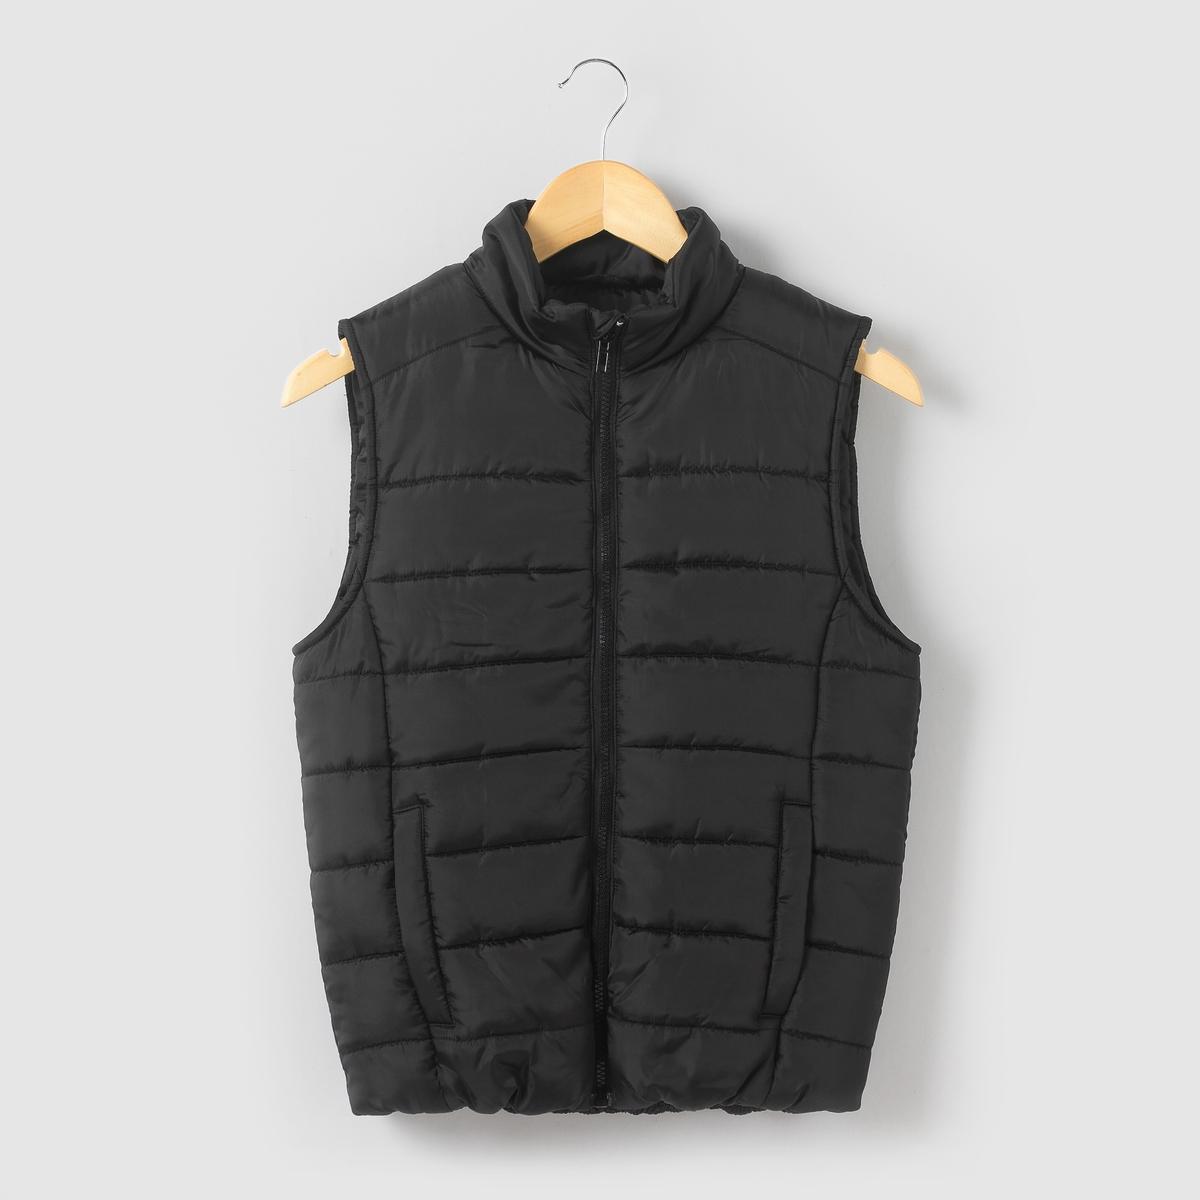 Куртка стеганая легкая без рукавов для 10-16 лет от La Redoute